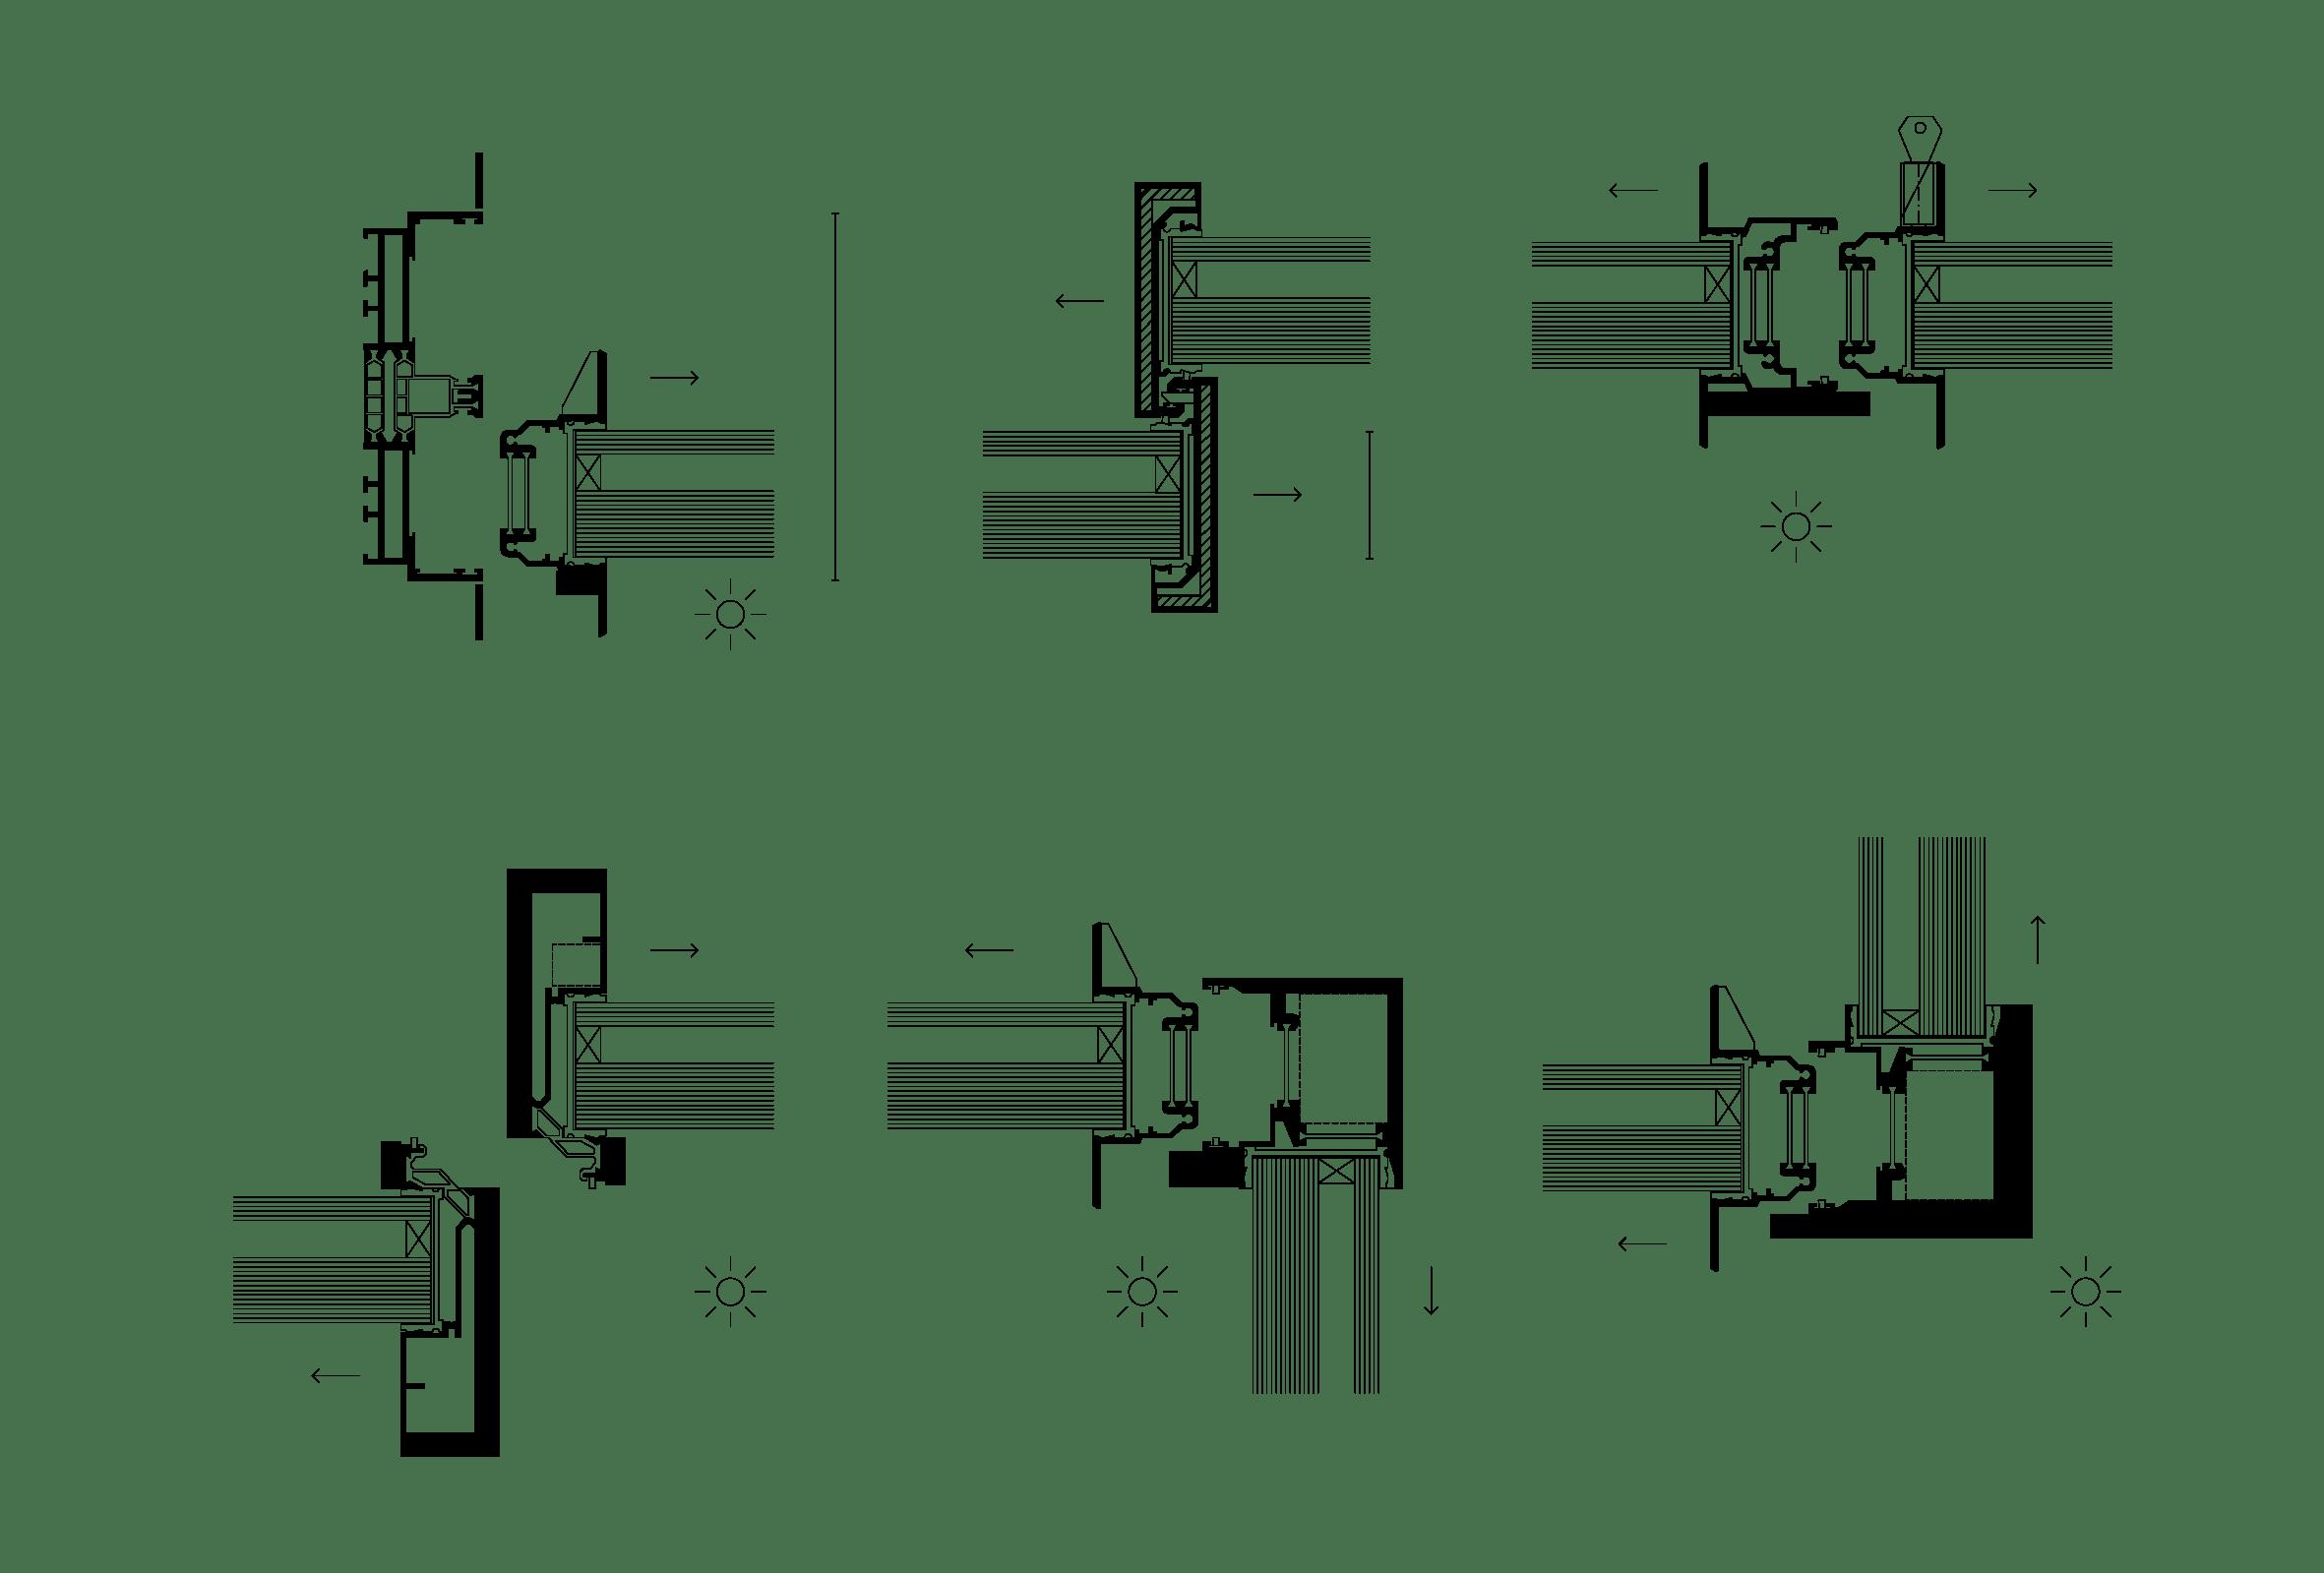 Technical Drawing Sky Frame Gun.png 2362x1599 Q90 Subsampling 2